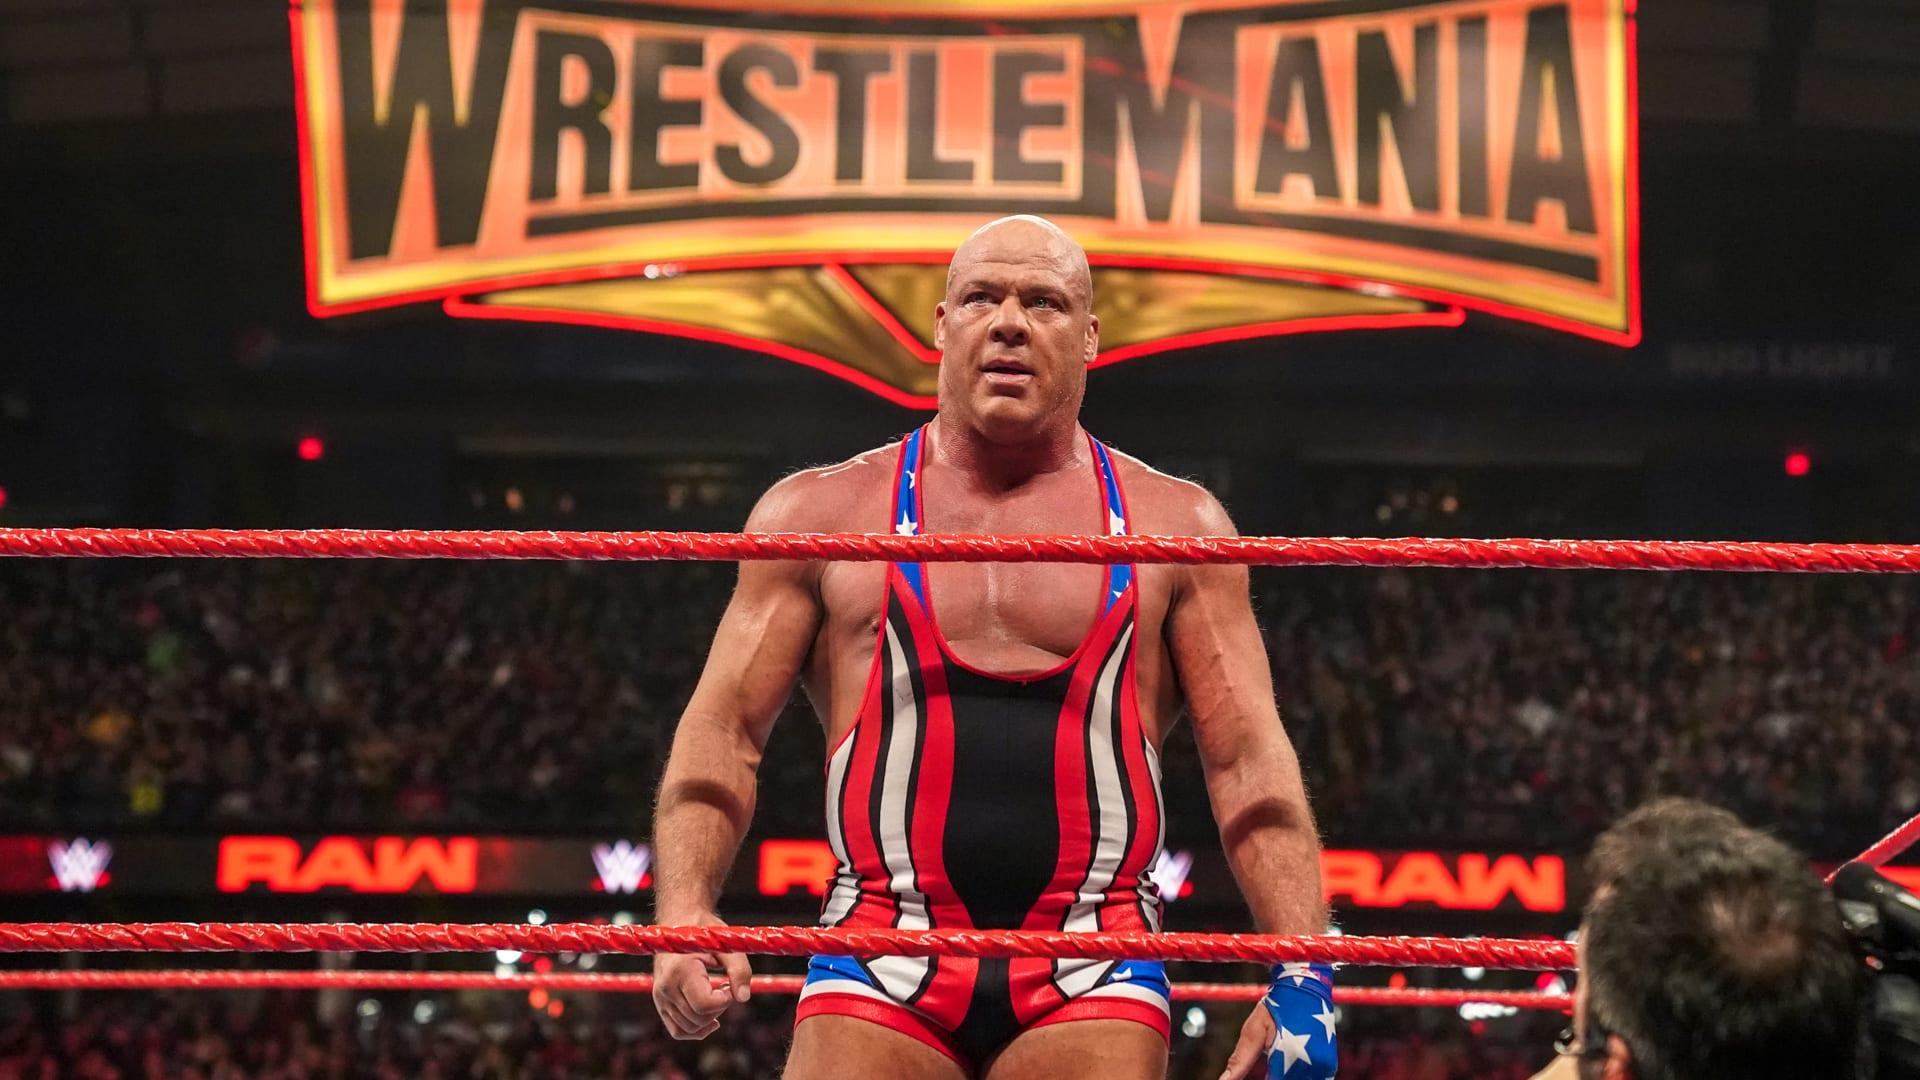 La WWE debutta in chiaro su DMAX con telecronaca italiana, dopo il divorzio con SKY